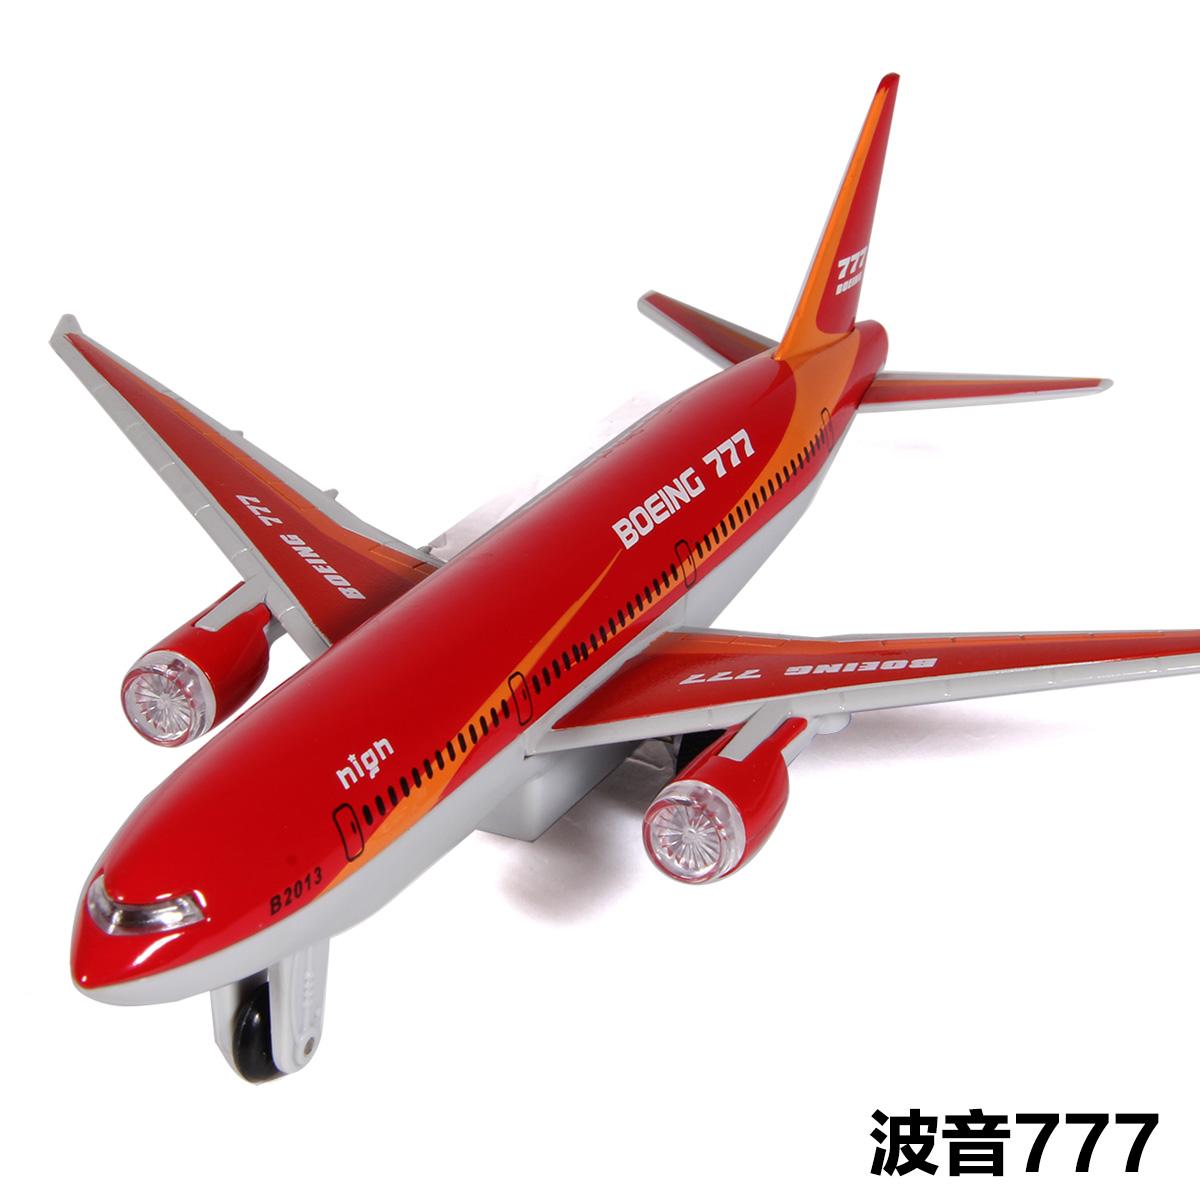 彩珀玩具官网】彩珀合金飞机模型波音777航空飞机声